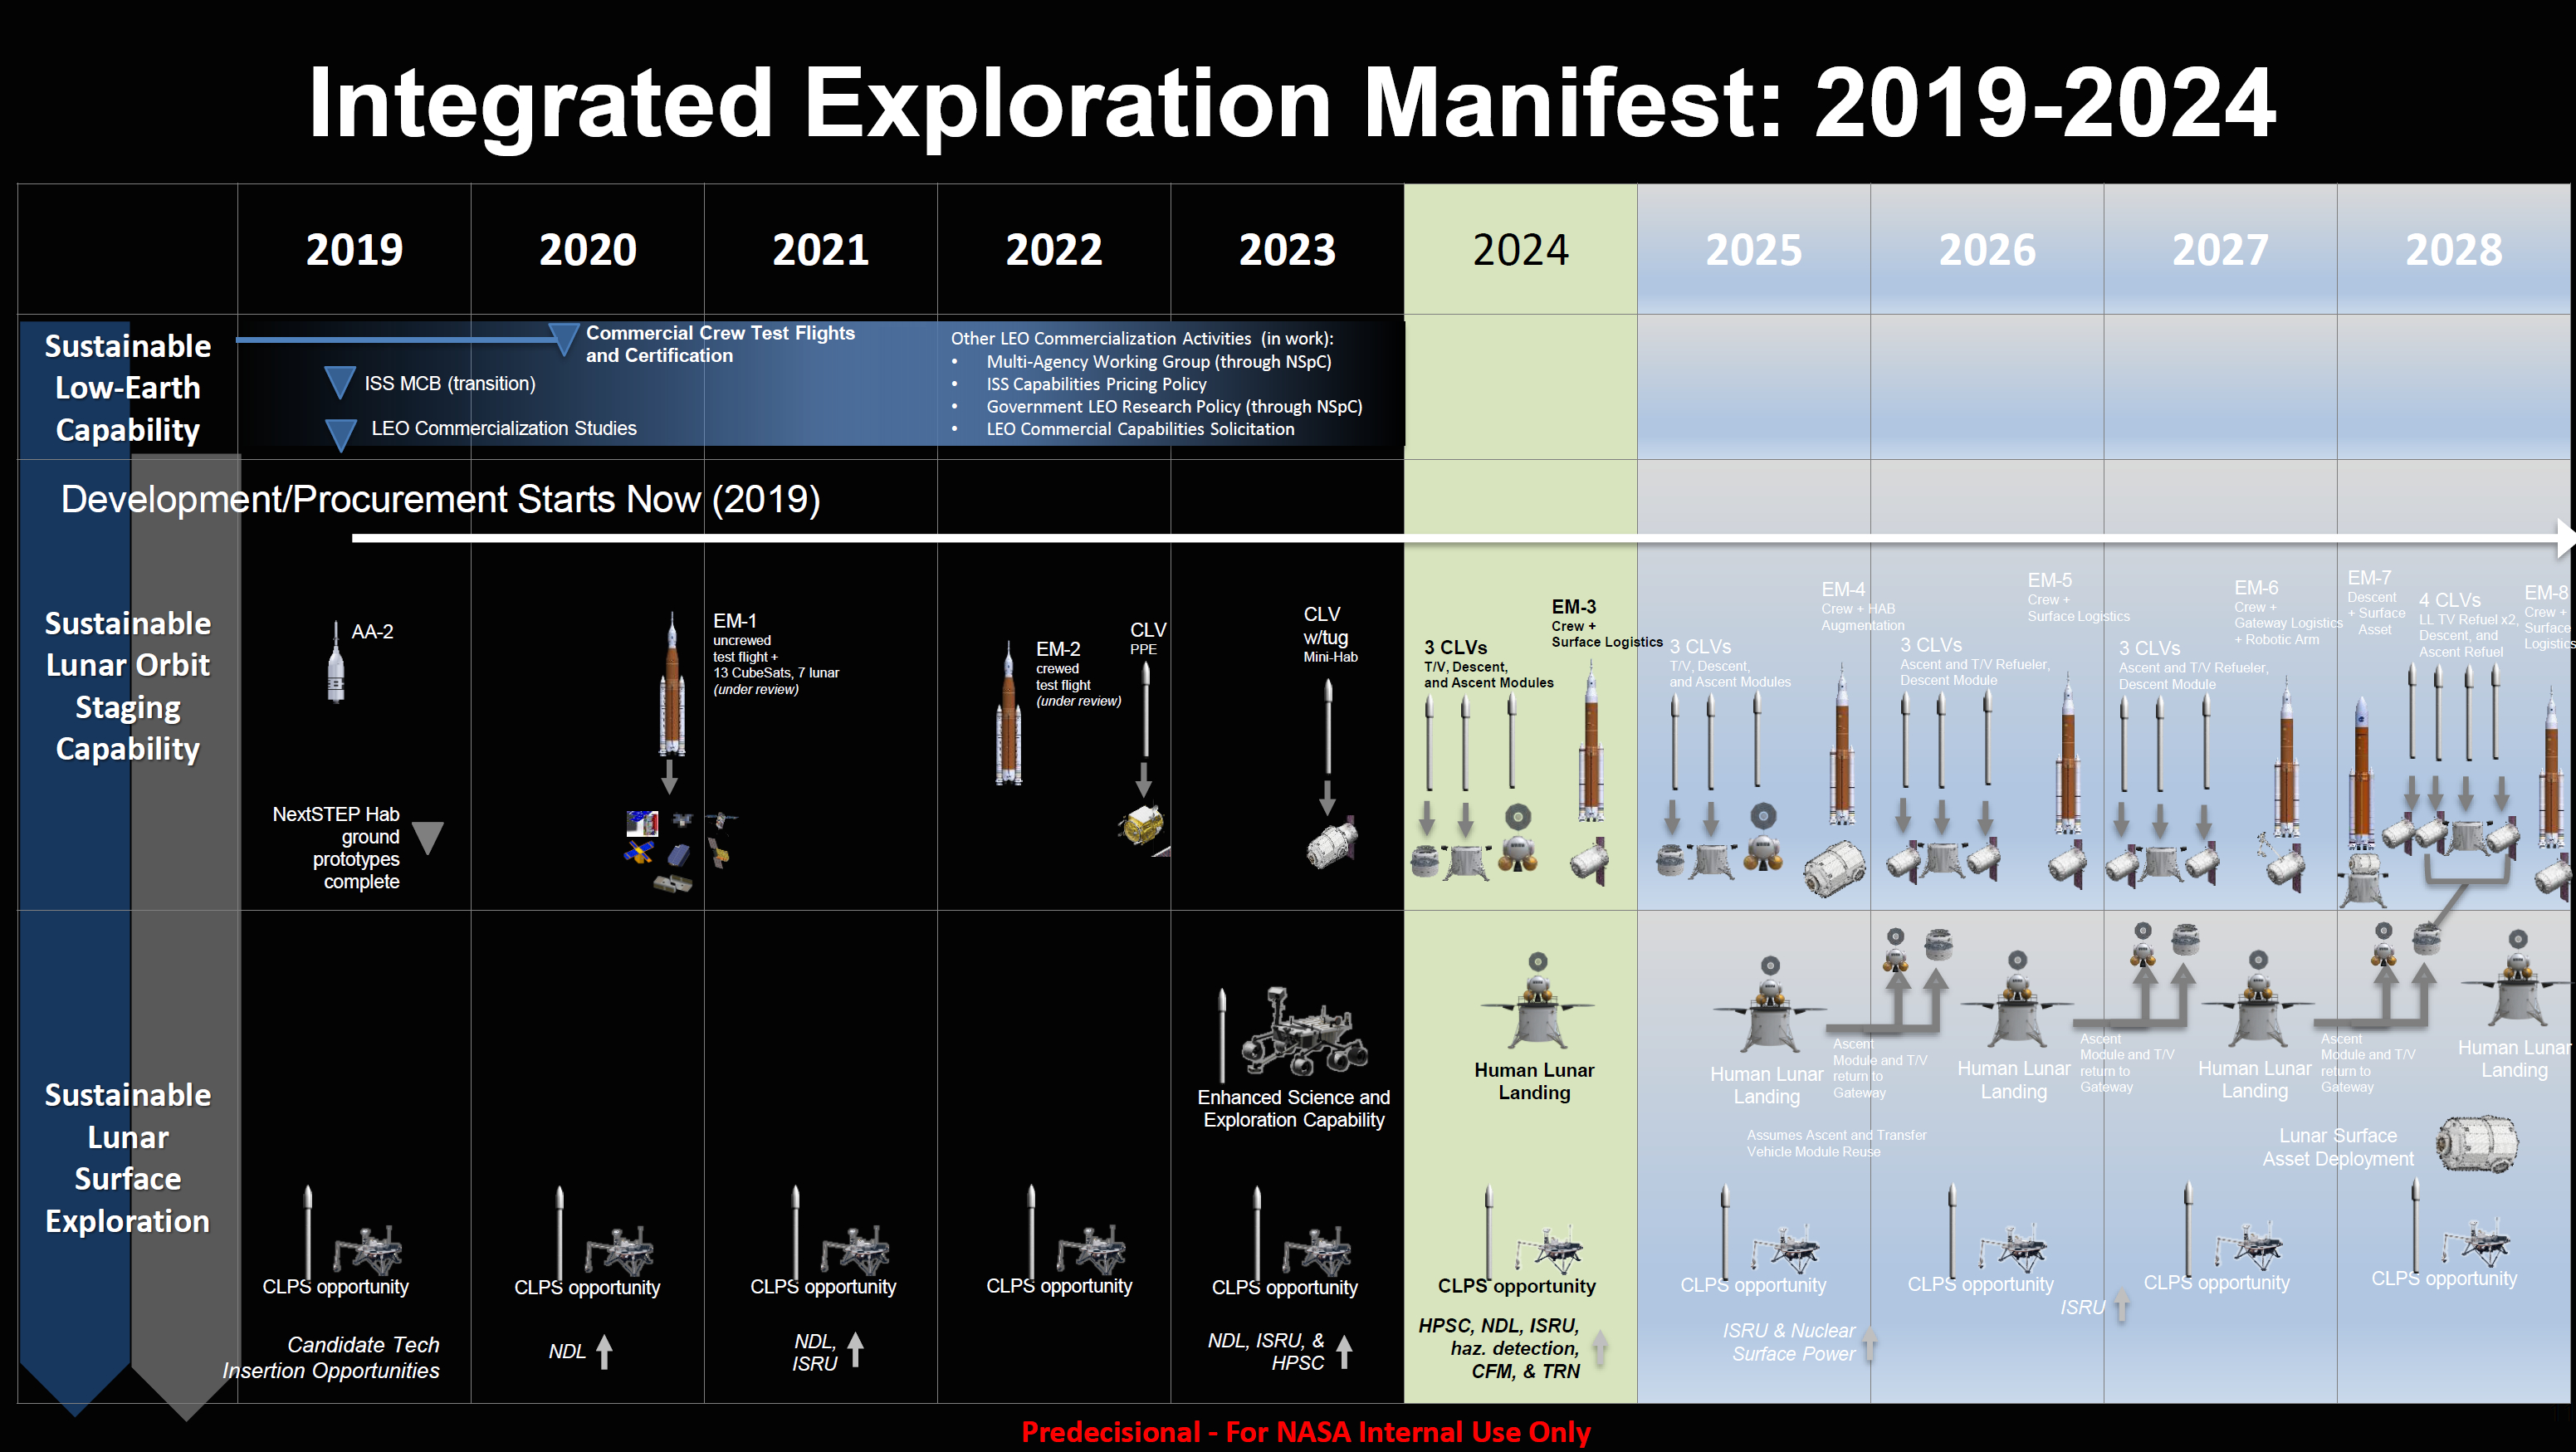 NASA notional Artemis program plan